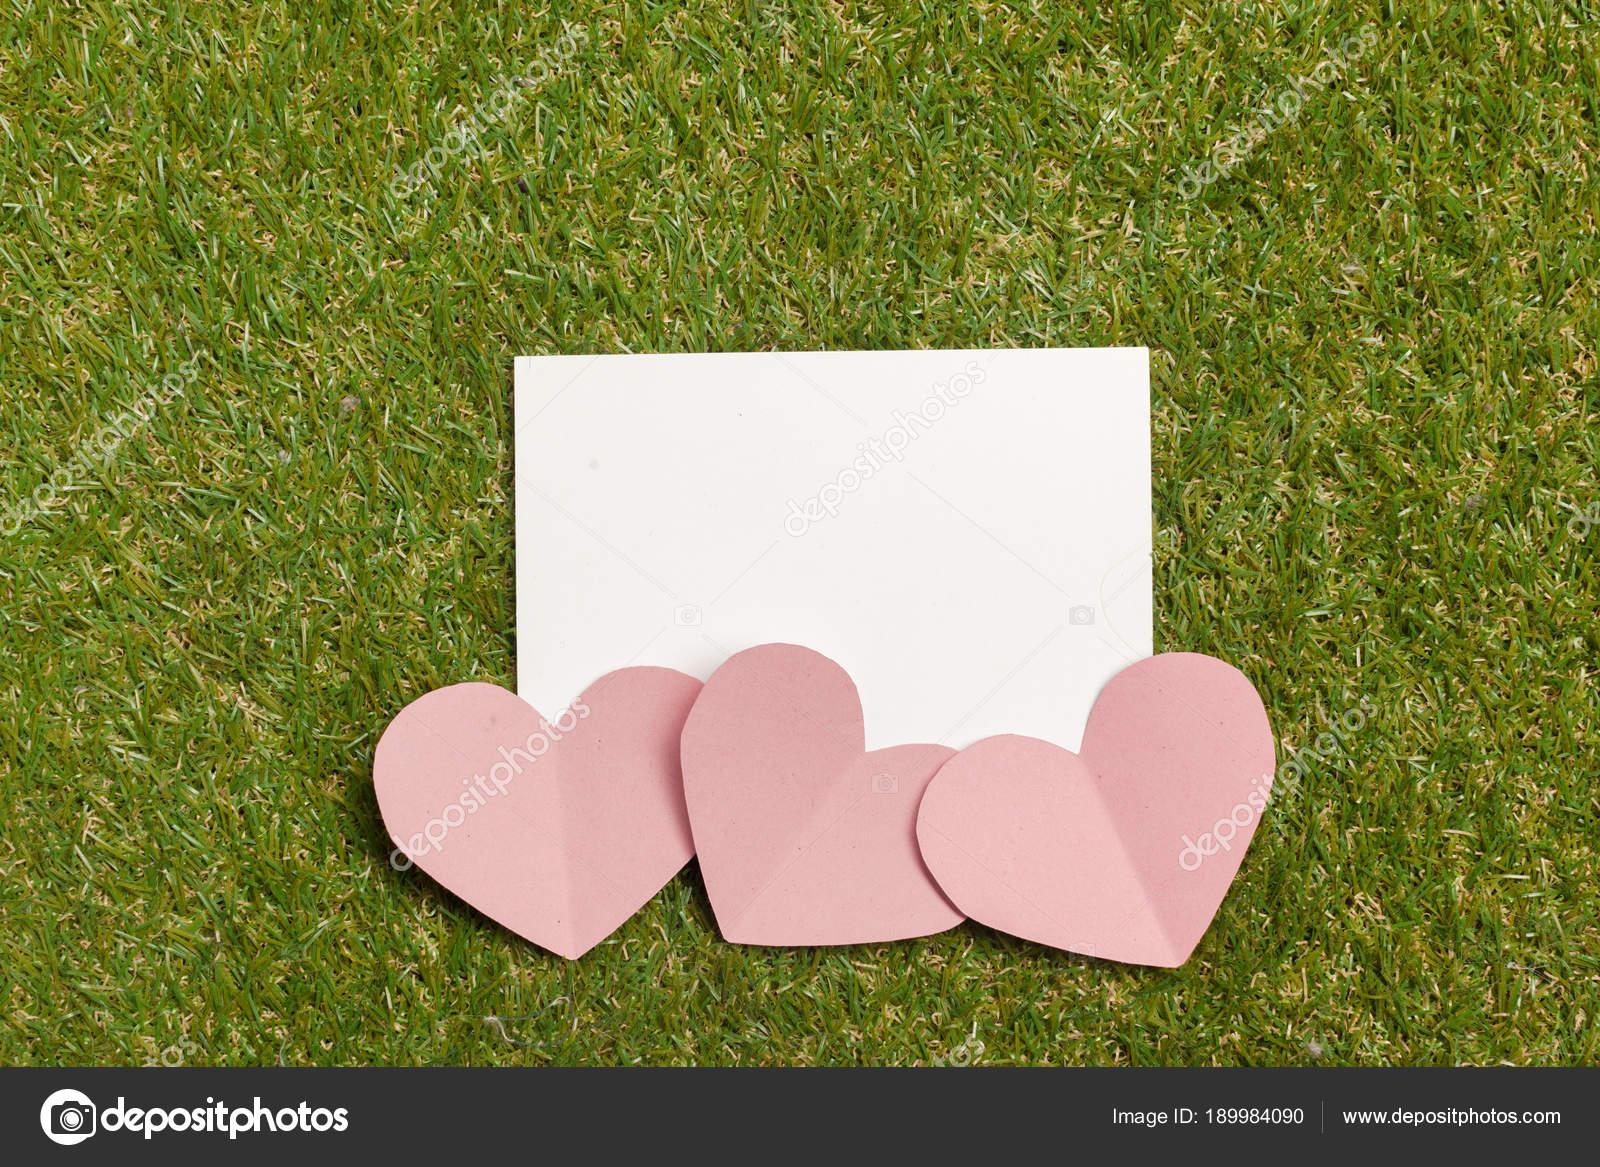 seznamka milostné dopisy seznamka setkání skupiny